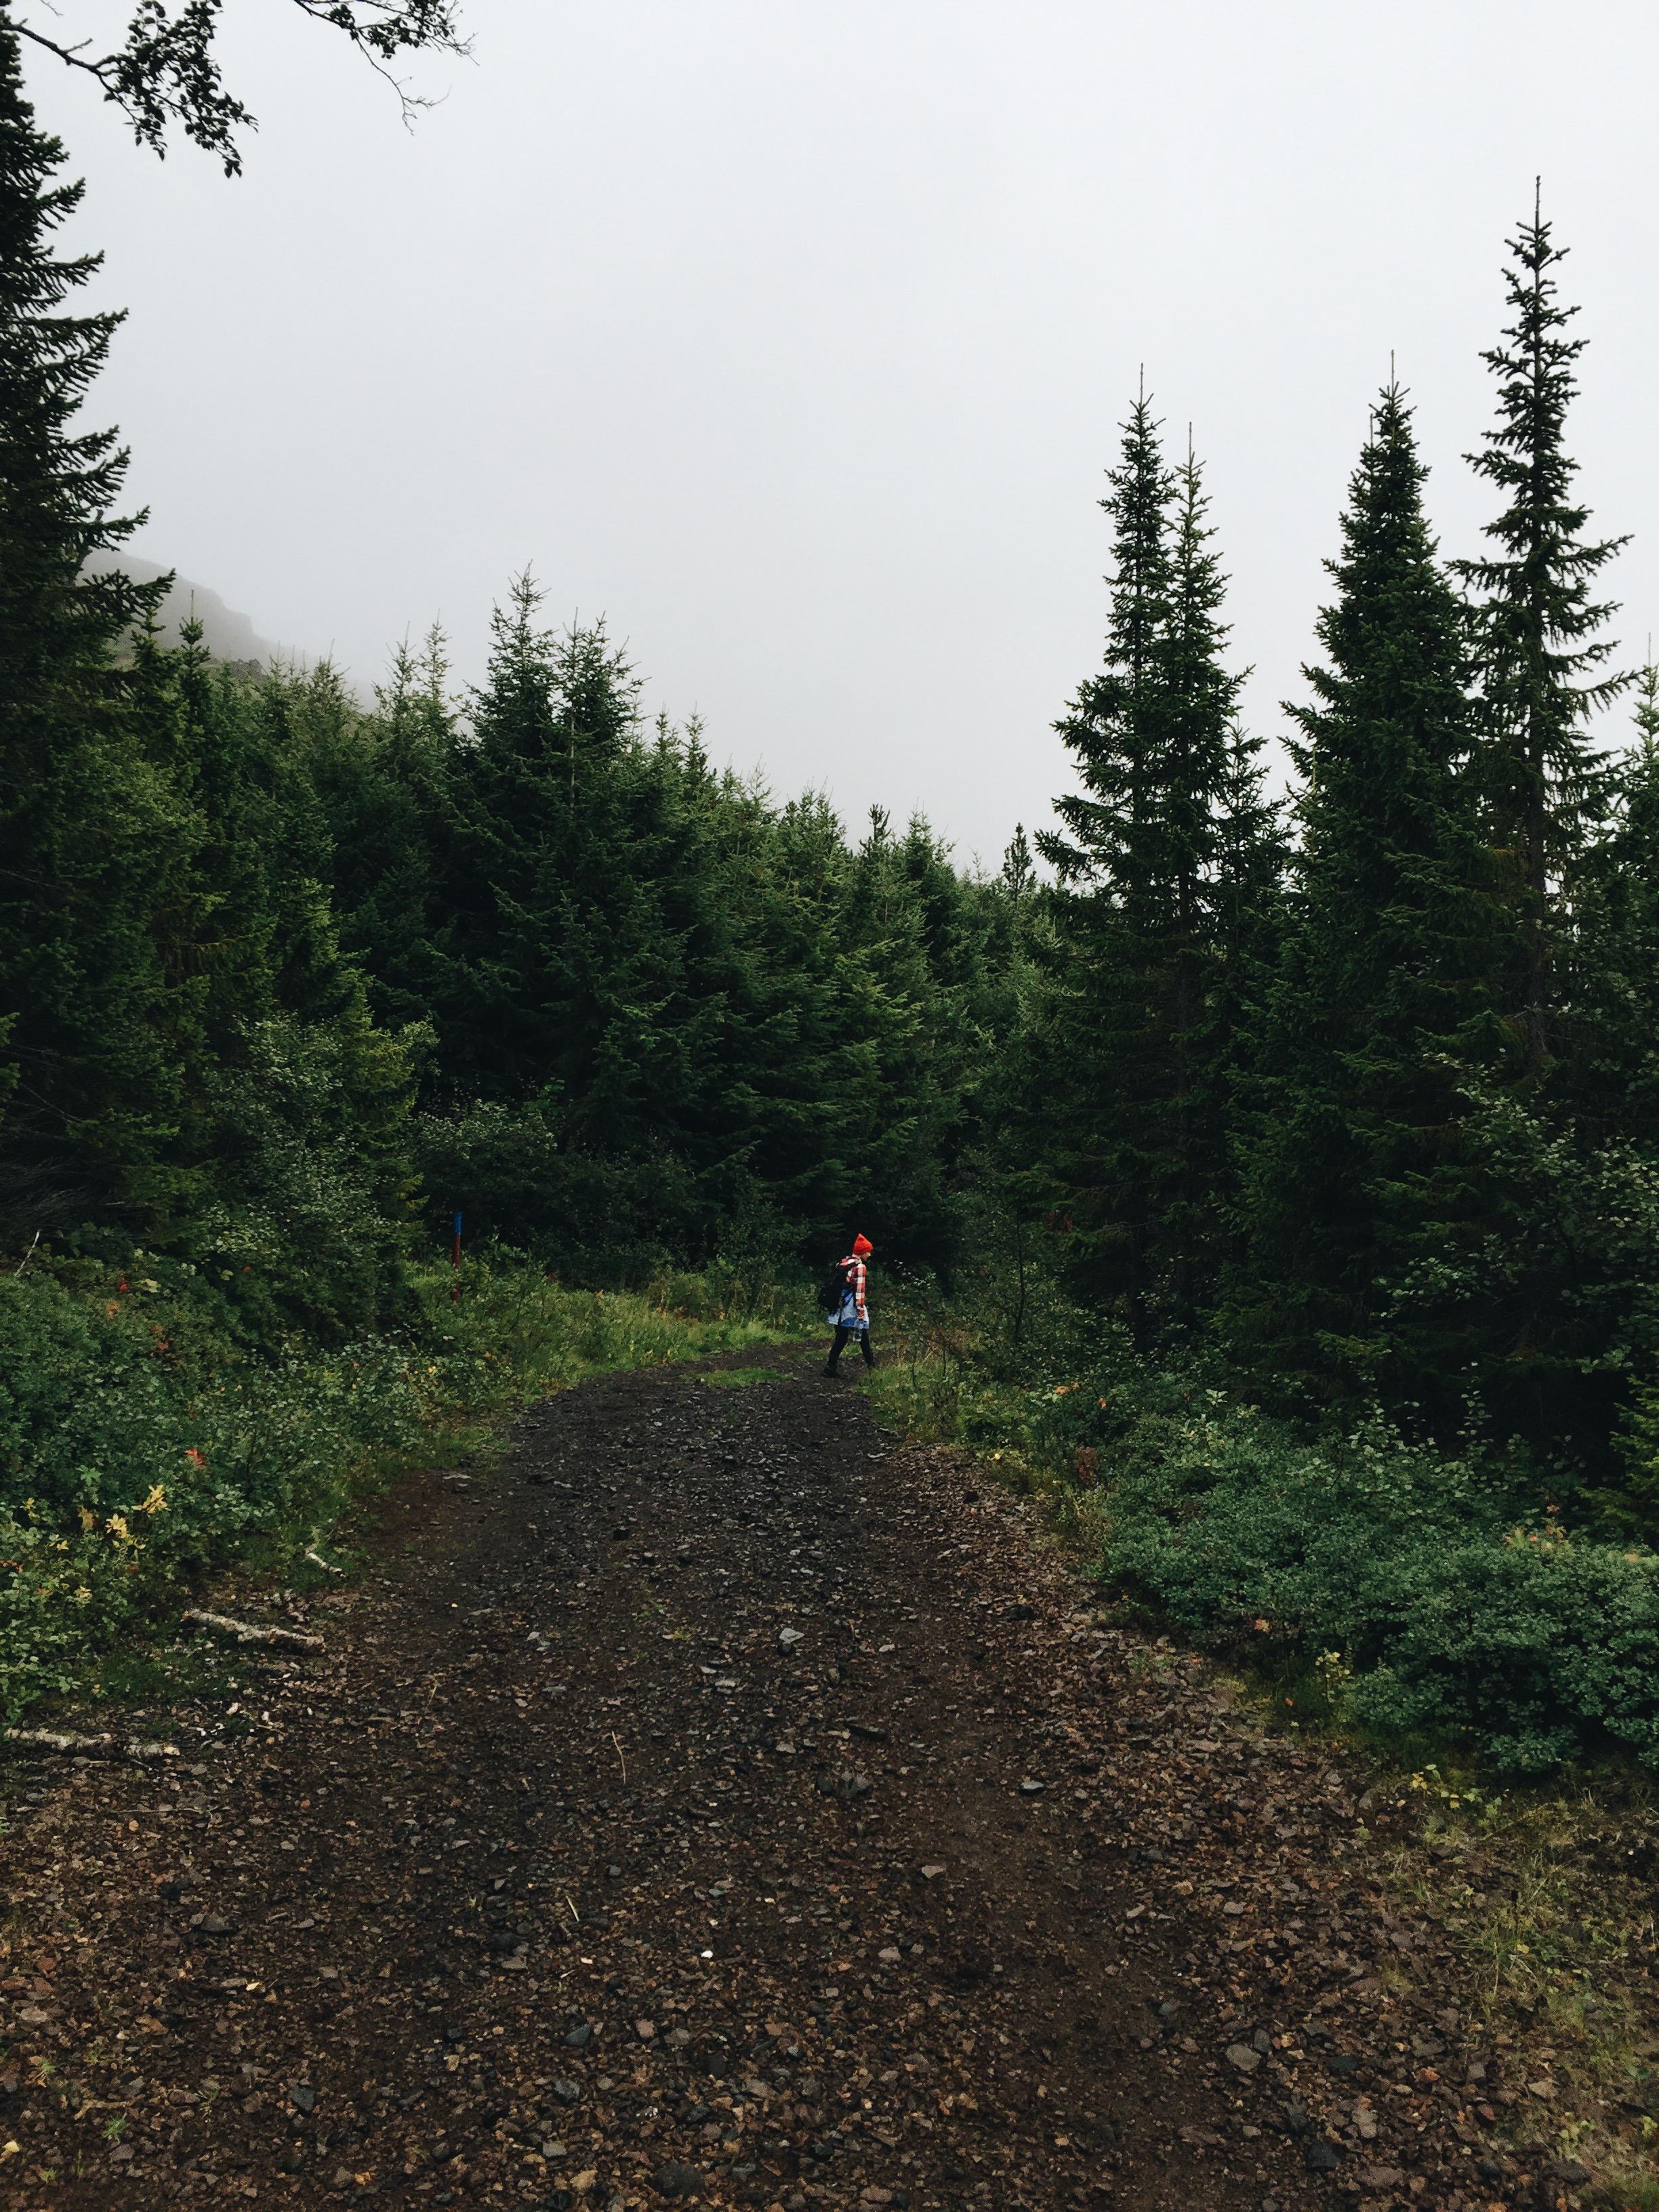 Hallormsstaður National Forest